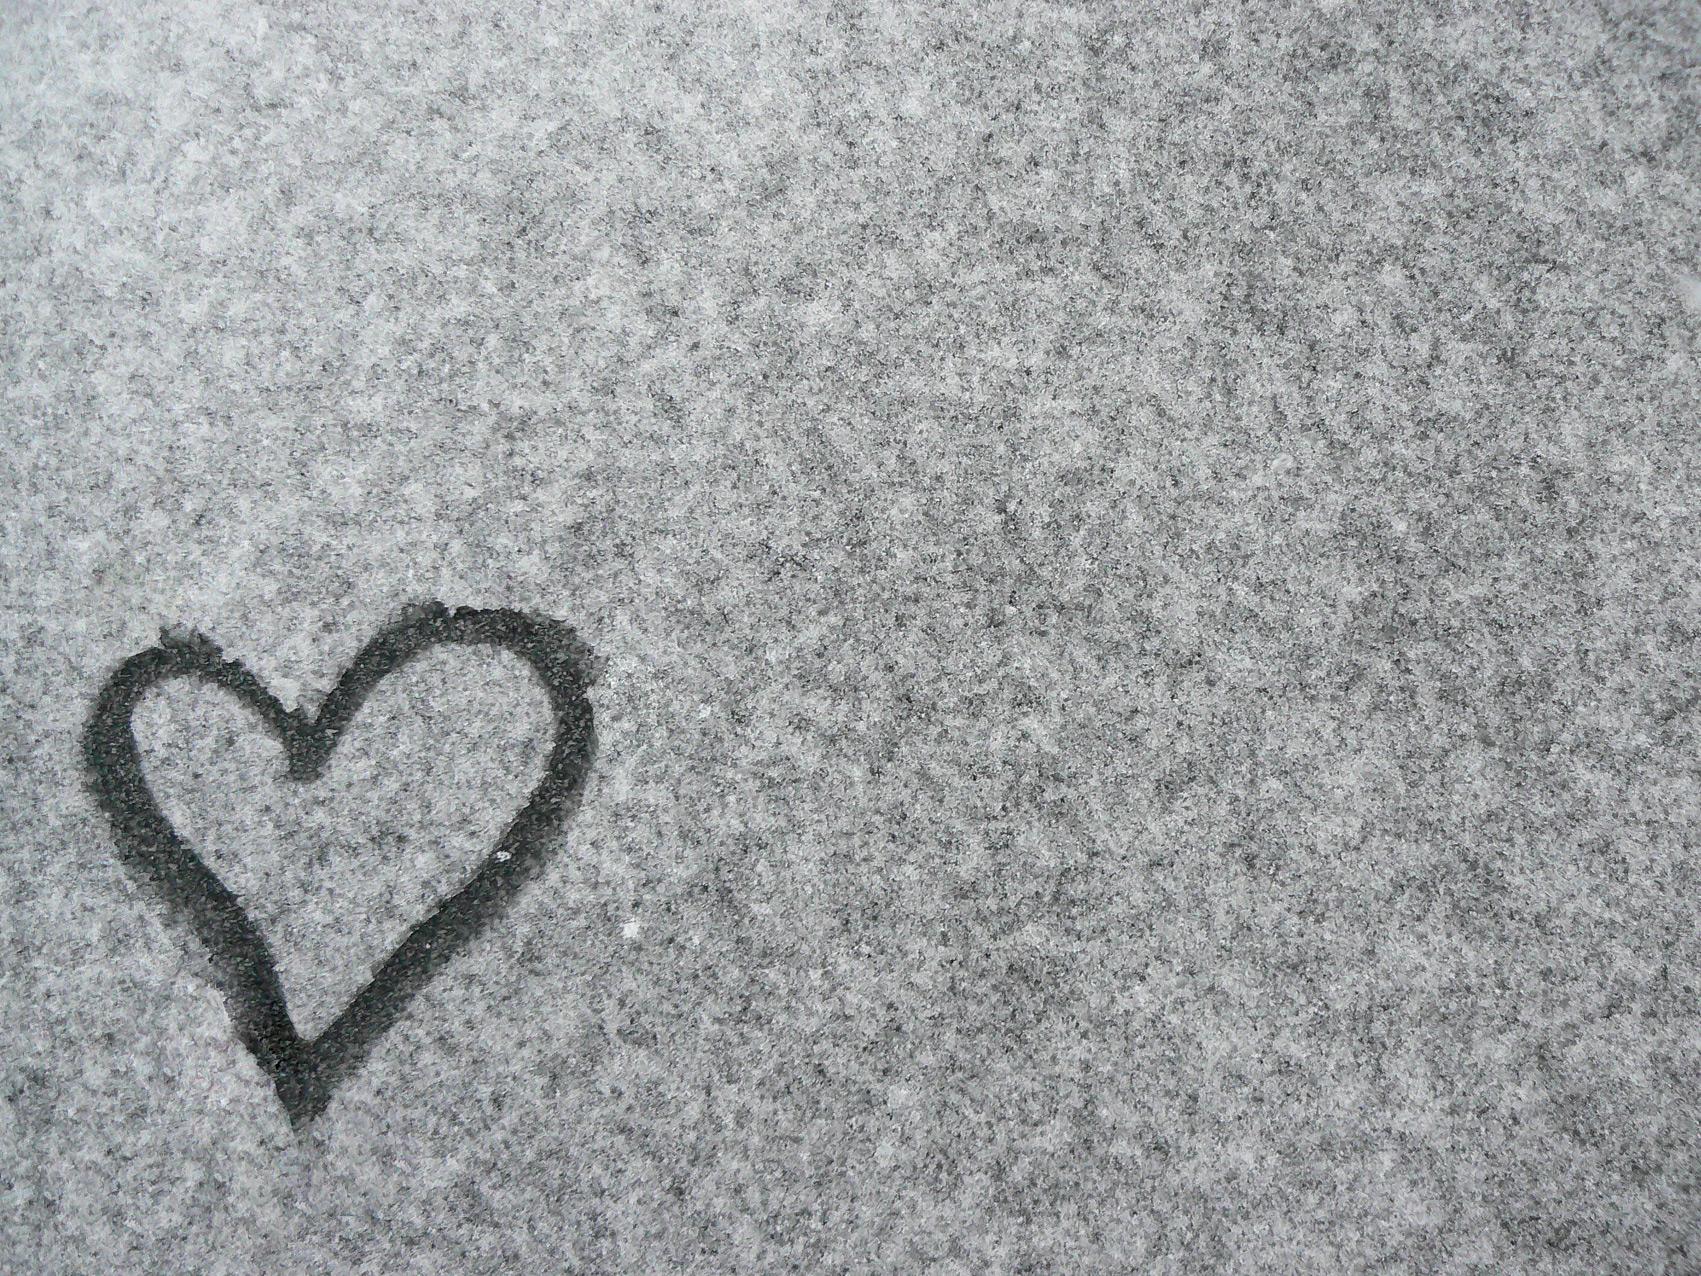 Zamilované vyznání lásky